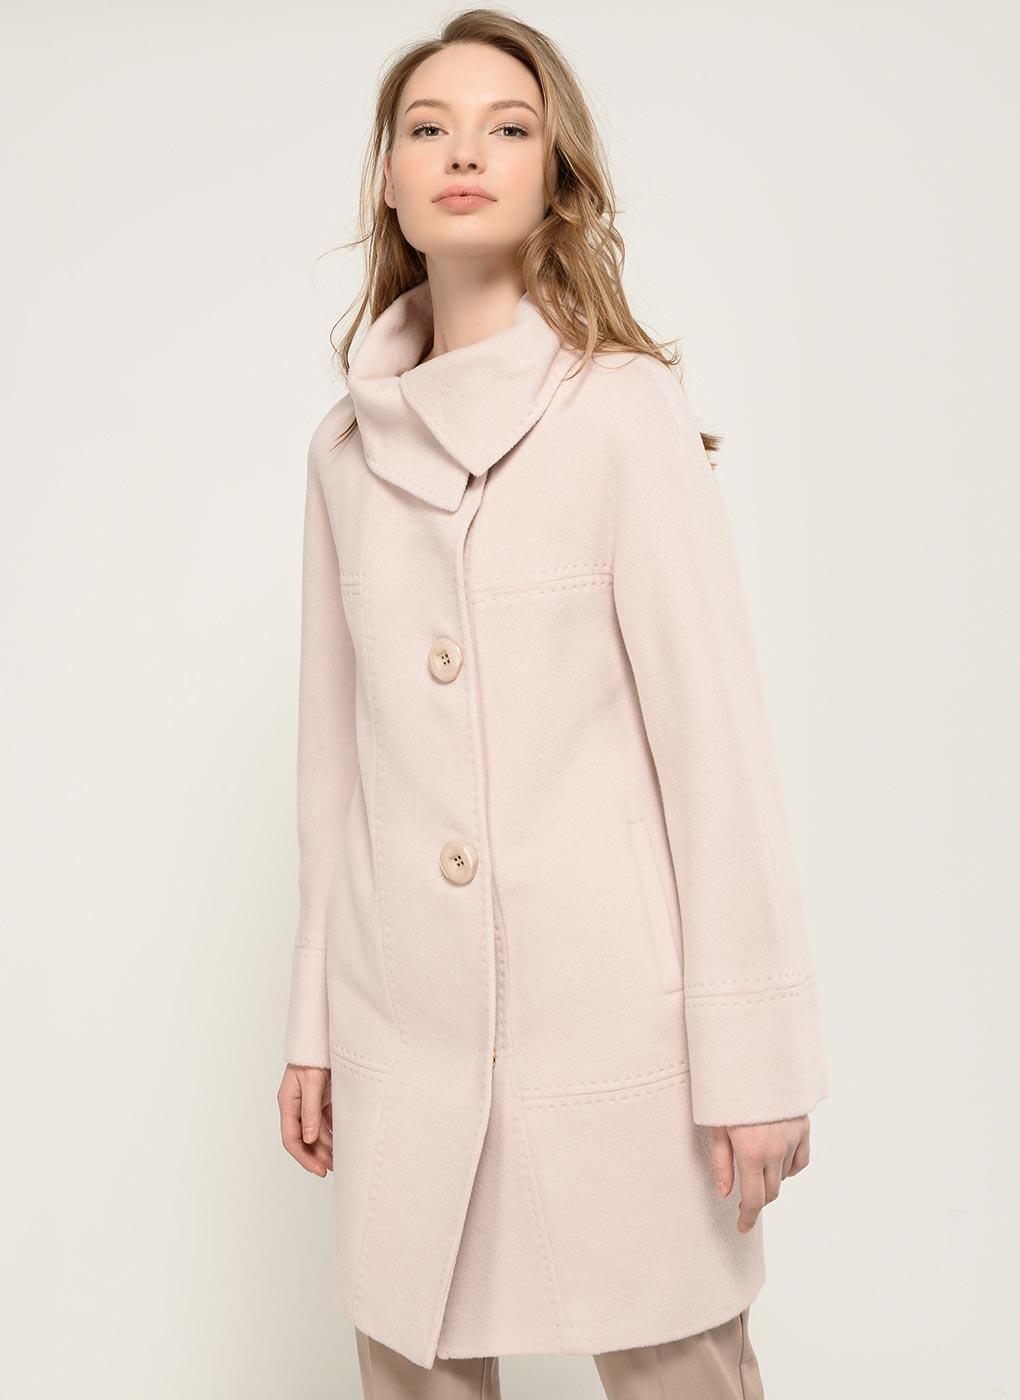 Пальто кокон шерстяное 05, Bella collection